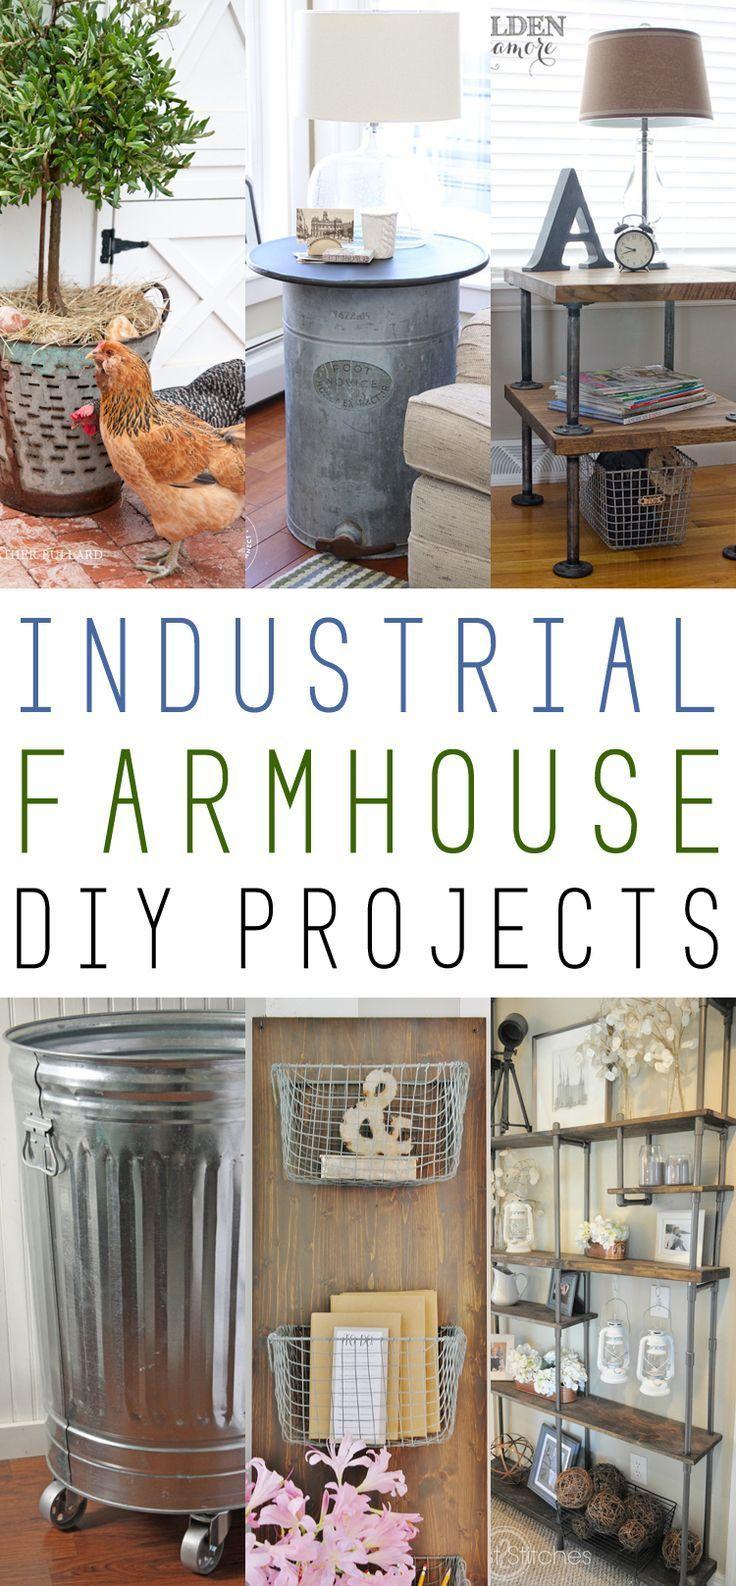 Farmhouse Fridays /// Industrial Farmhouse DIY Projects